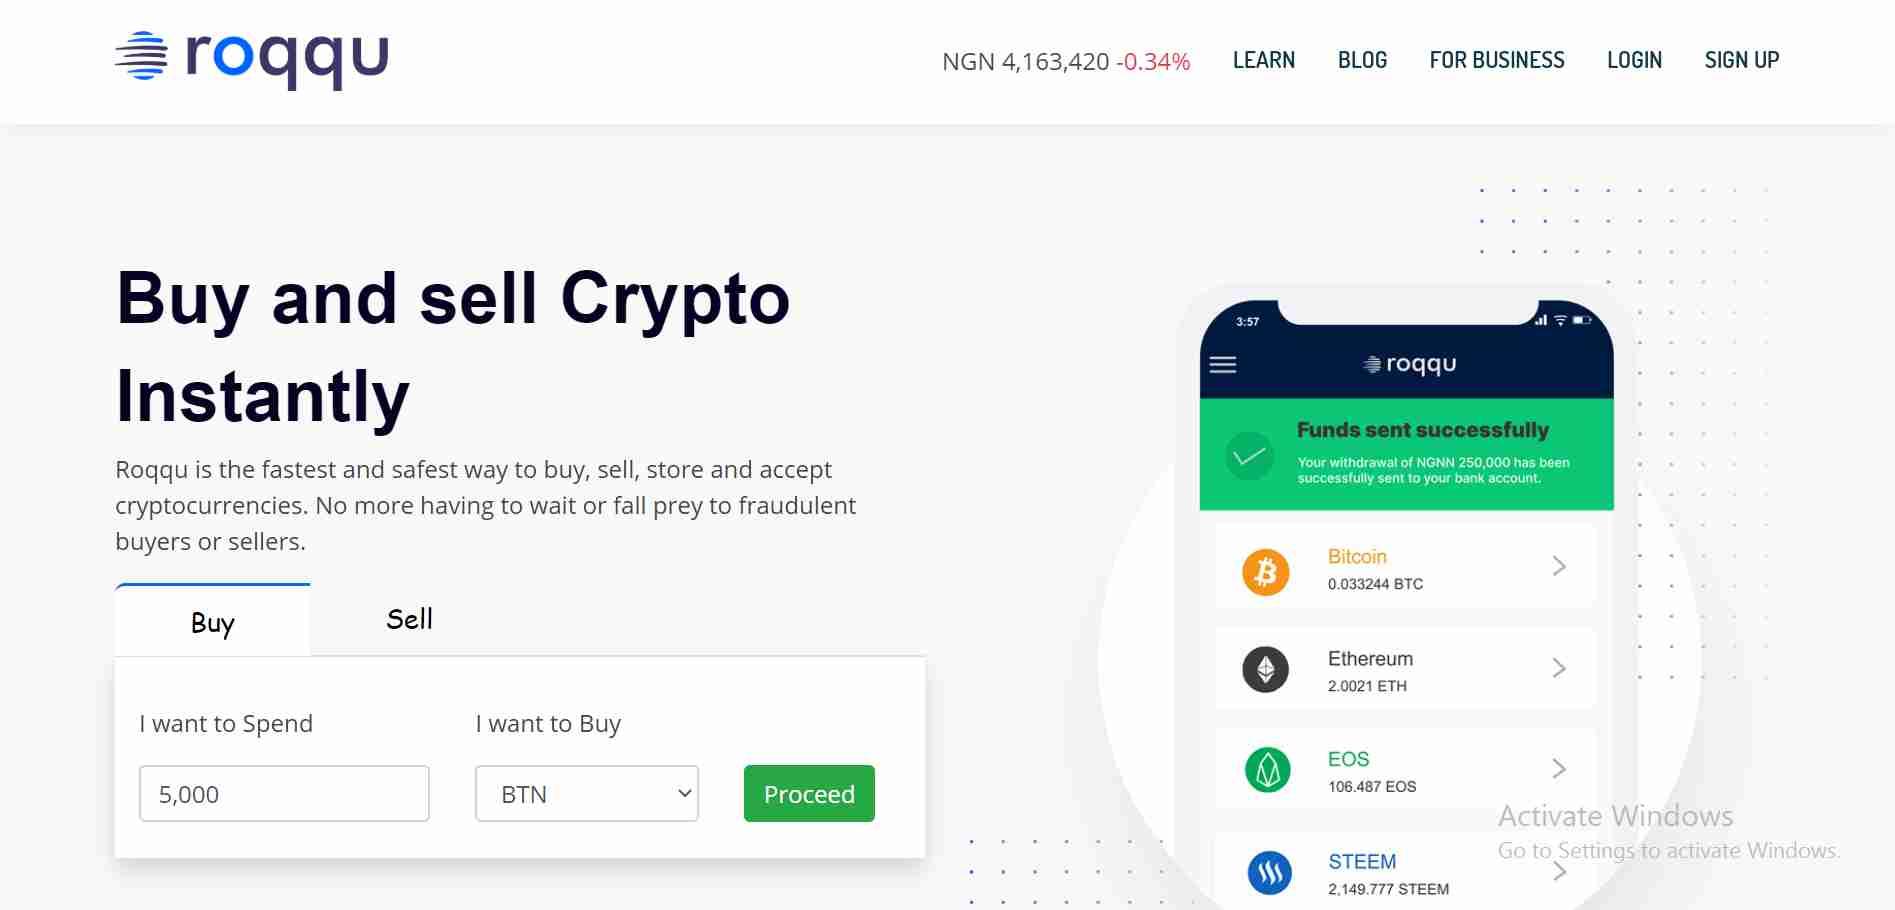 Roqqu Bitcoin Website Template